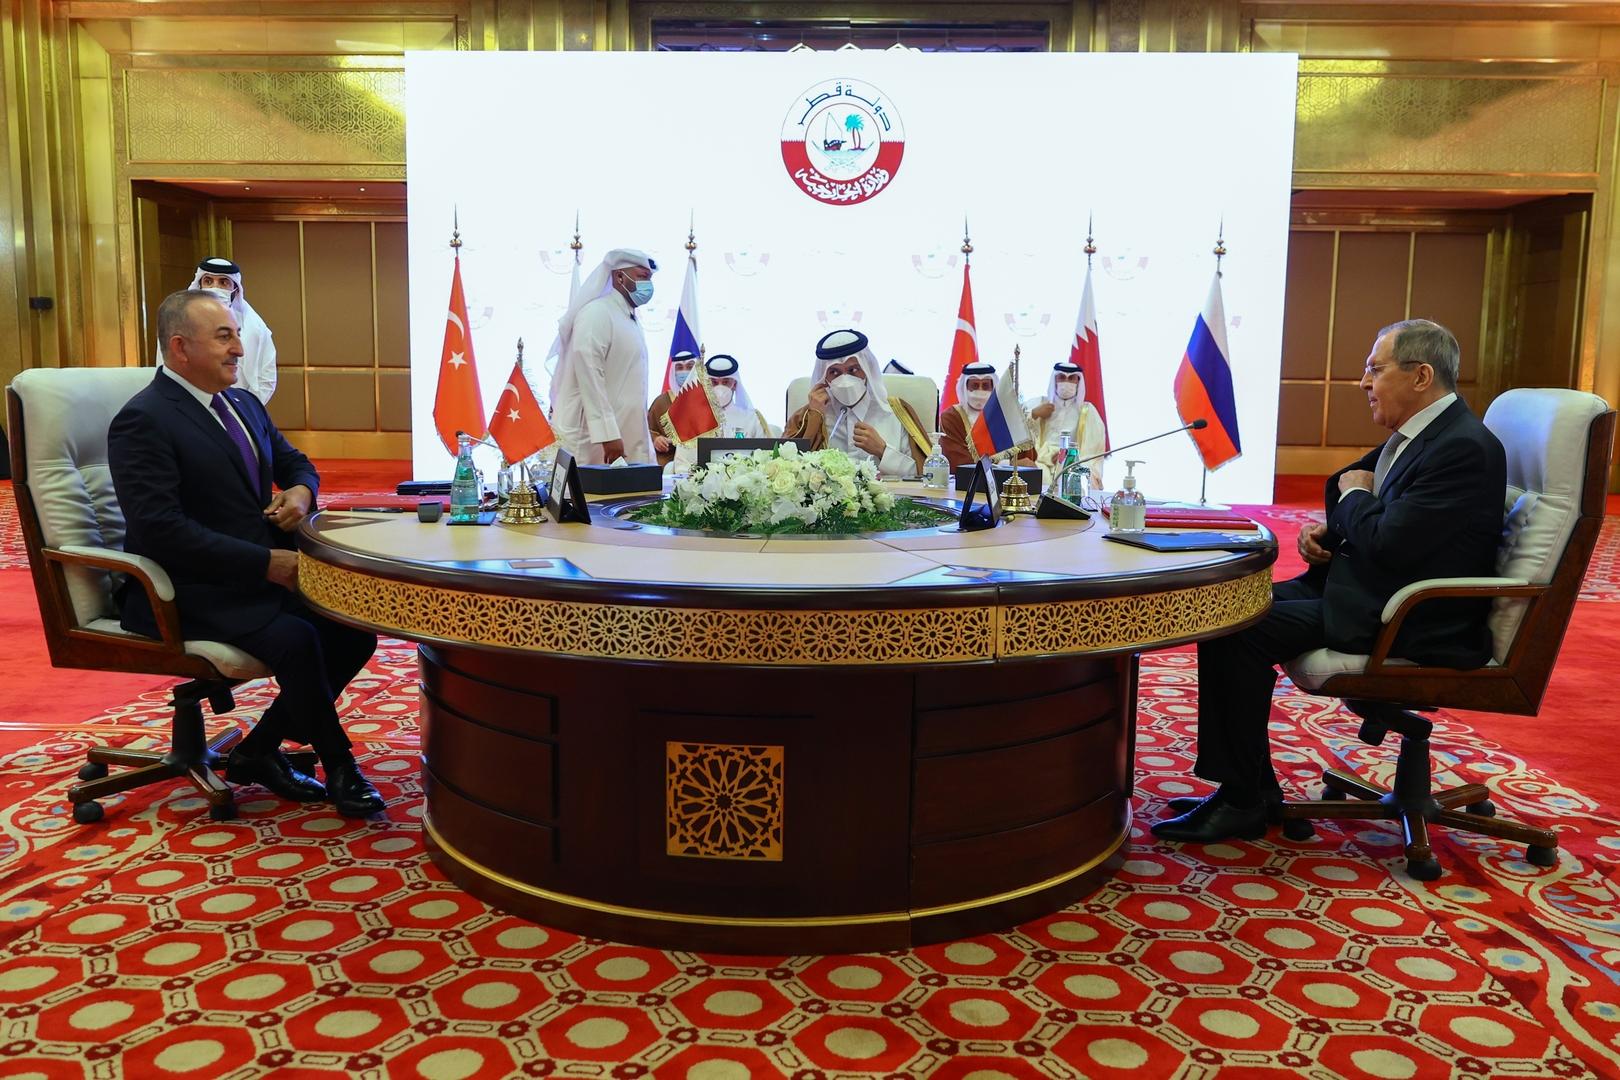 وزراء الخارجية الروسي، سيرغي لافروف، والقطري، محمد بن عبد الرحمن آل ثاني، والتركي، مولود تشاووش أغلو، خلال اجتماع في الدوحة حول الأزمة السورية.